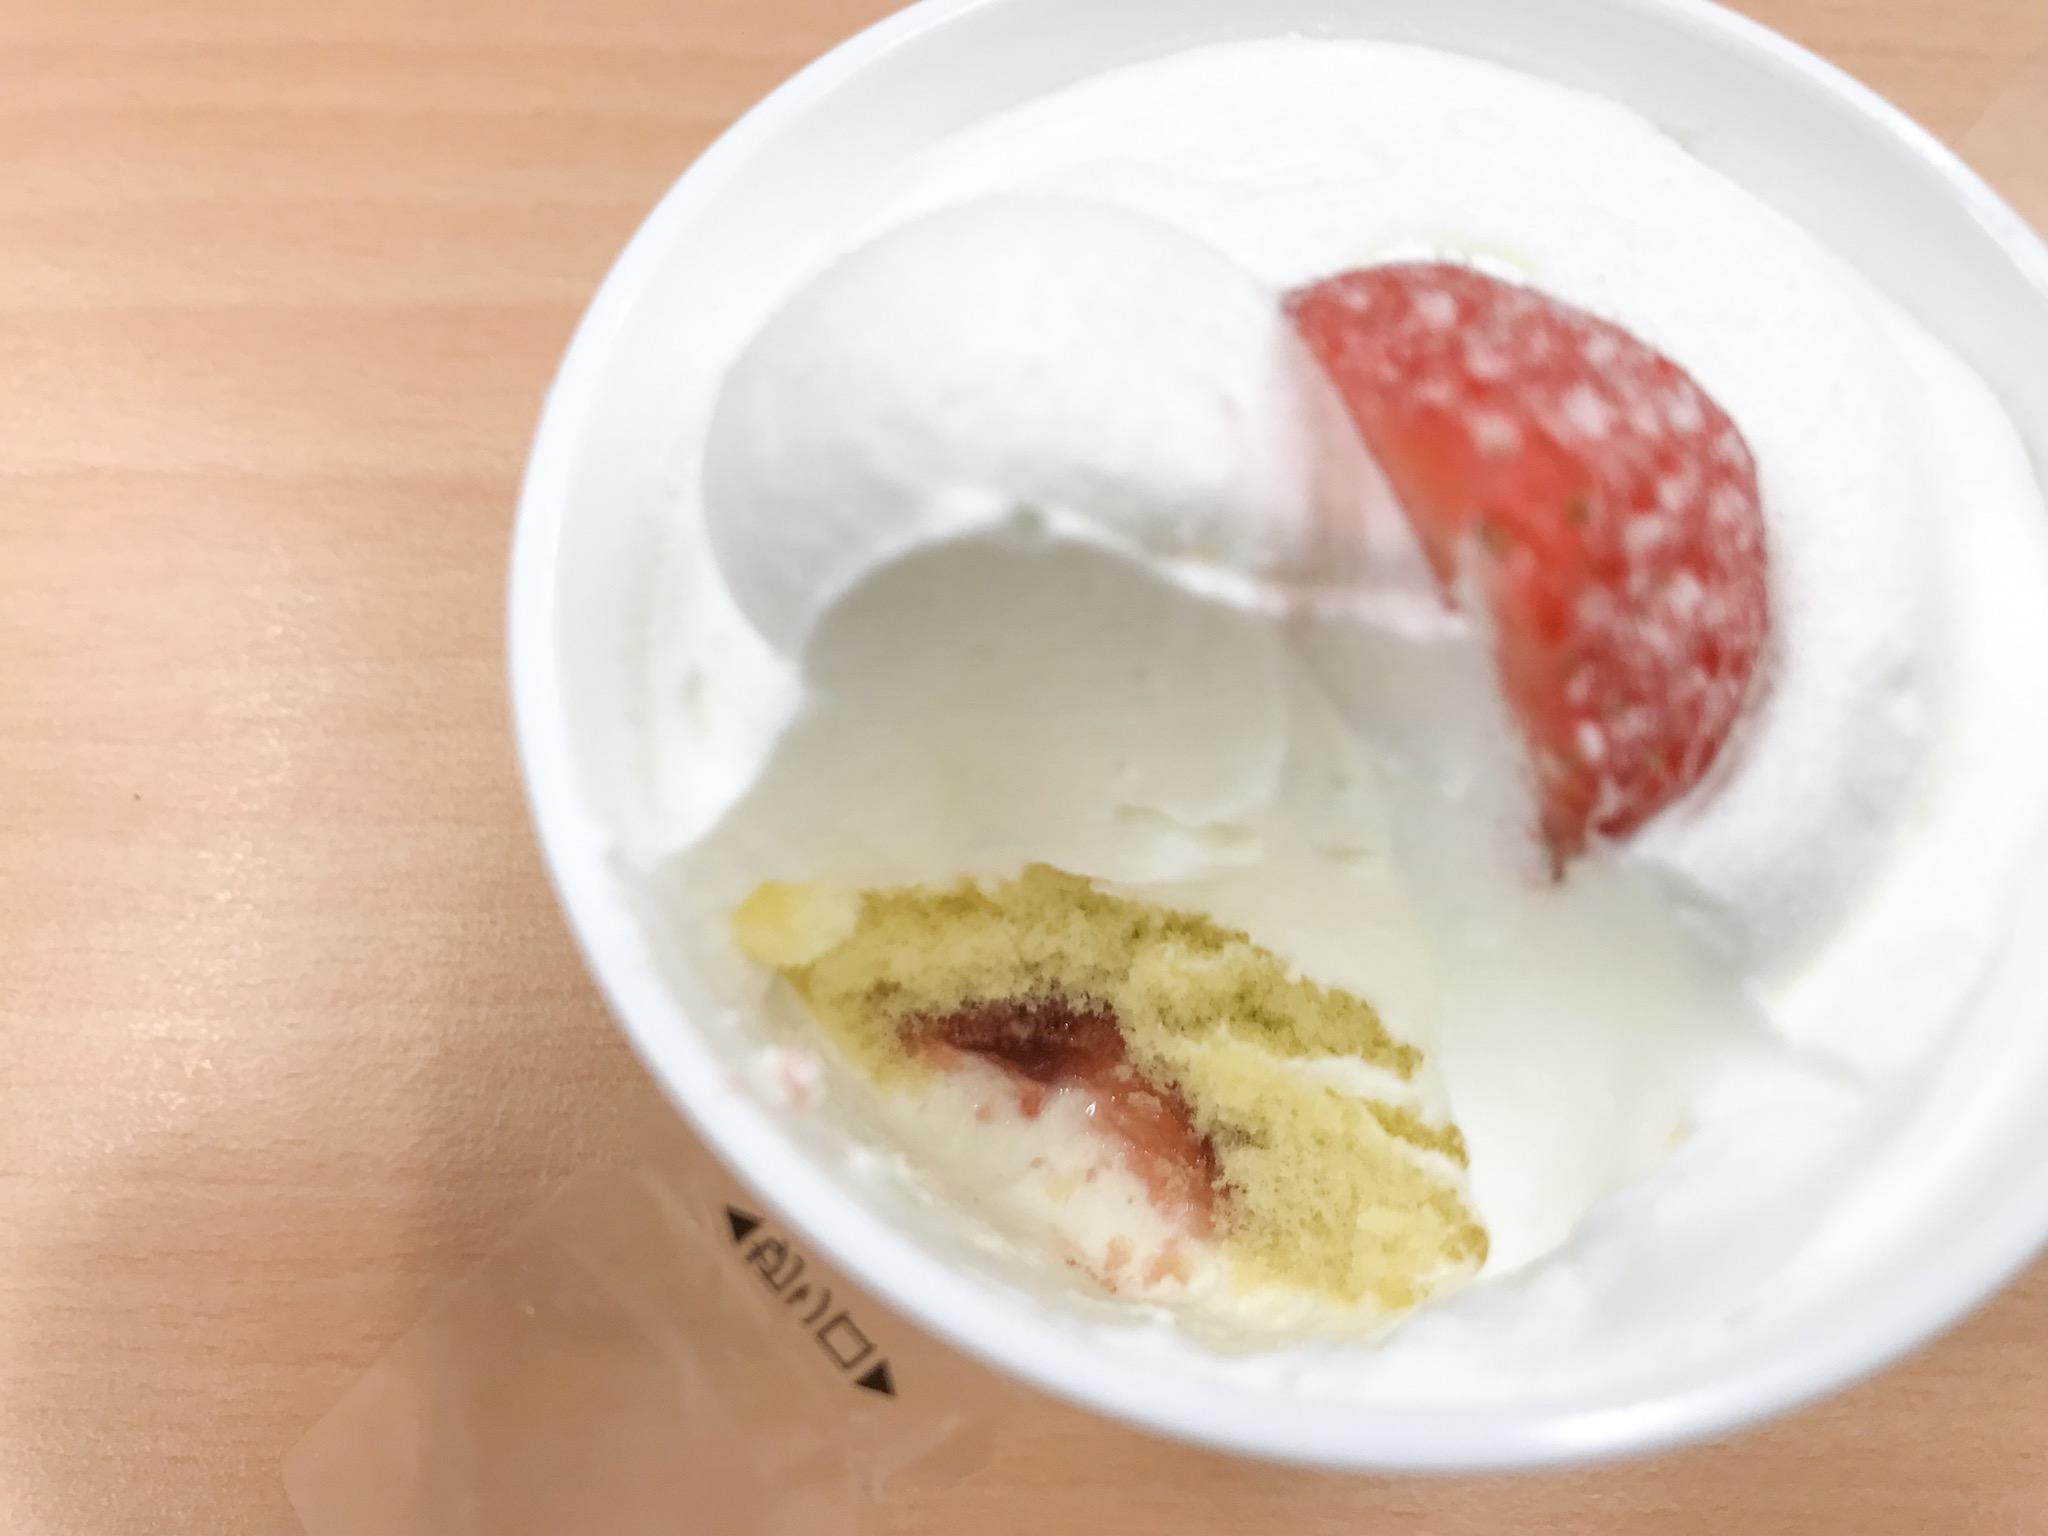 『ローソン』の新スイーツ「CUPKE」をいち早くチェック♡ ケーキを手軽にカップでぱくり!【コンビニスイーツ新作、食べてみた!】_4